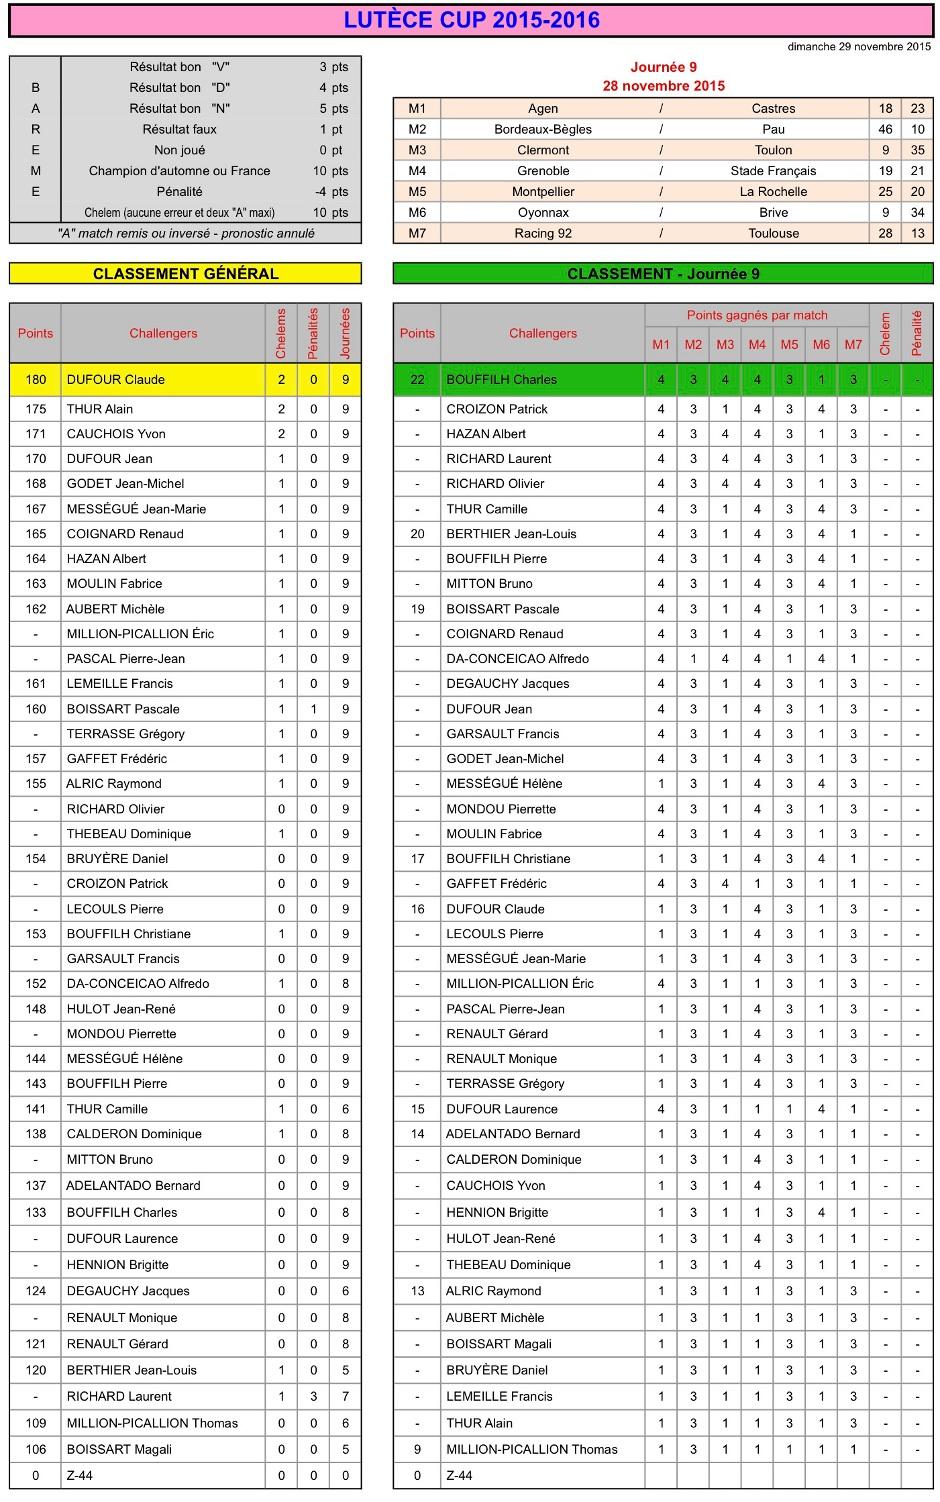 J9 Lutèce Cup 2015-2016 - Résultats